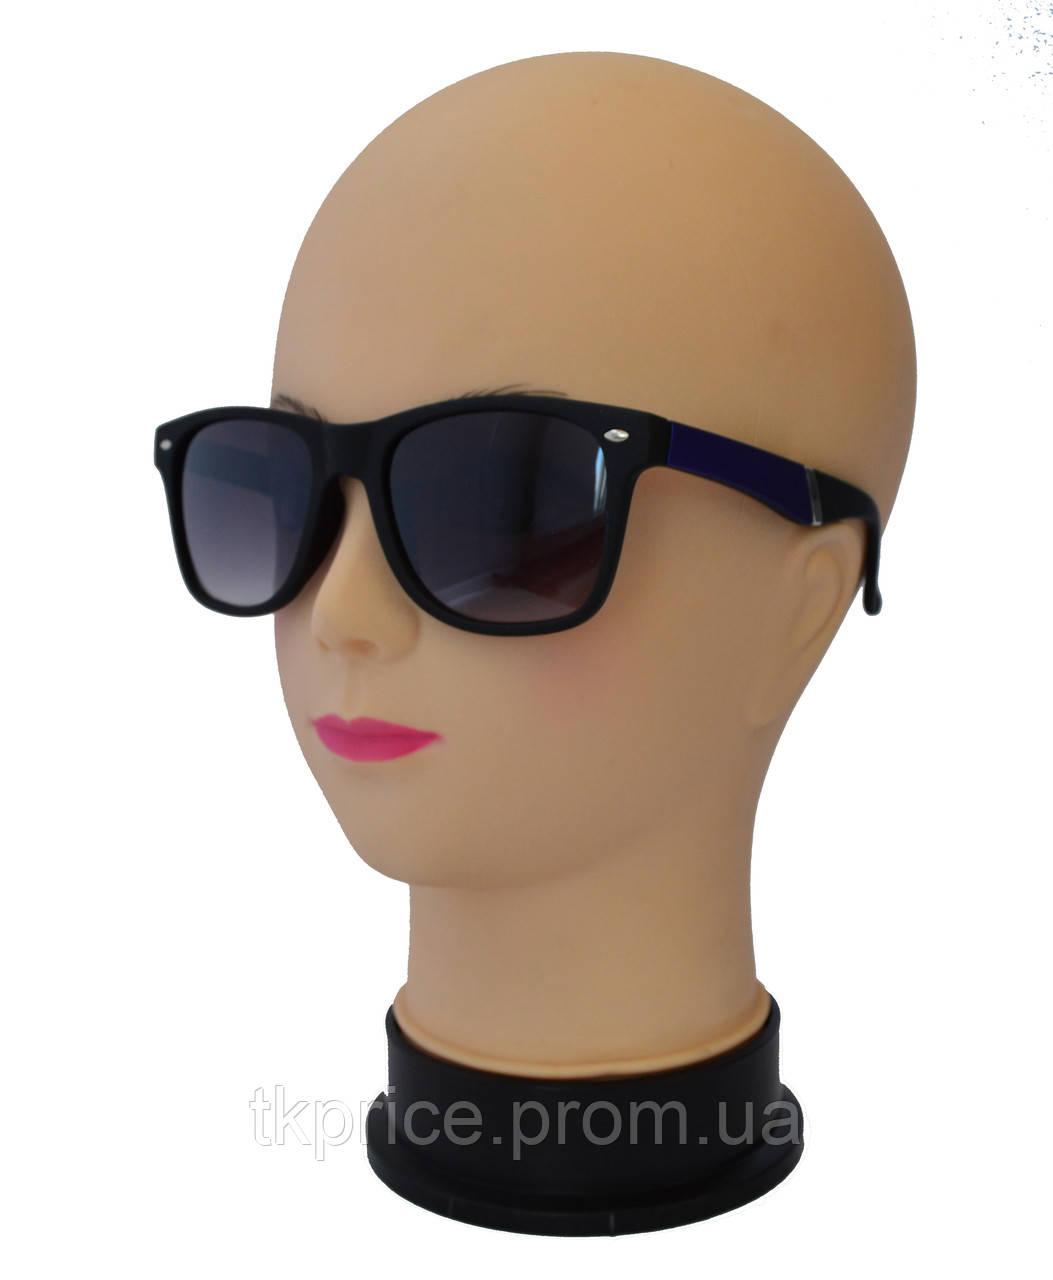 Солнцезащитные очки унисекс качественная реплика Ray Ban матовые